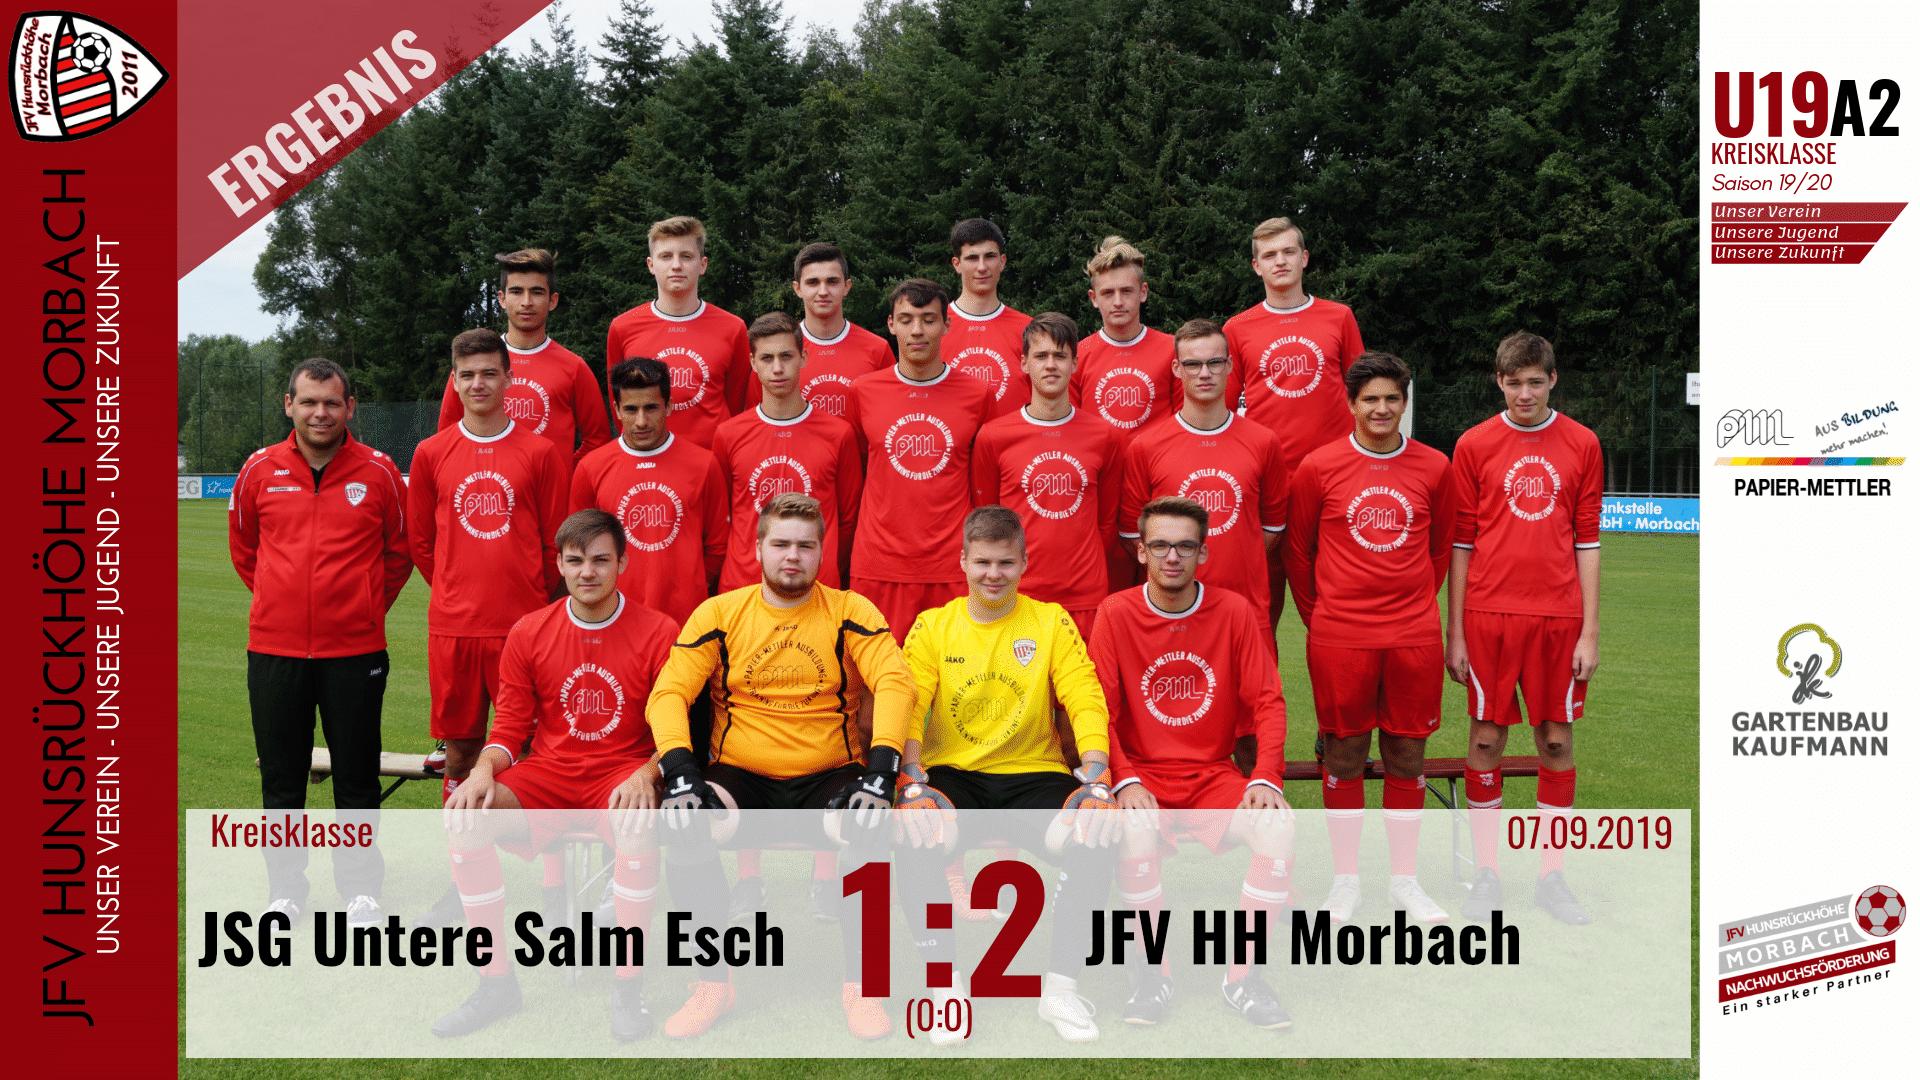 U19 A2: JSG Untere Salm Esch – JFV Hunsrückhöhe Morbach 1:2 (0:0)